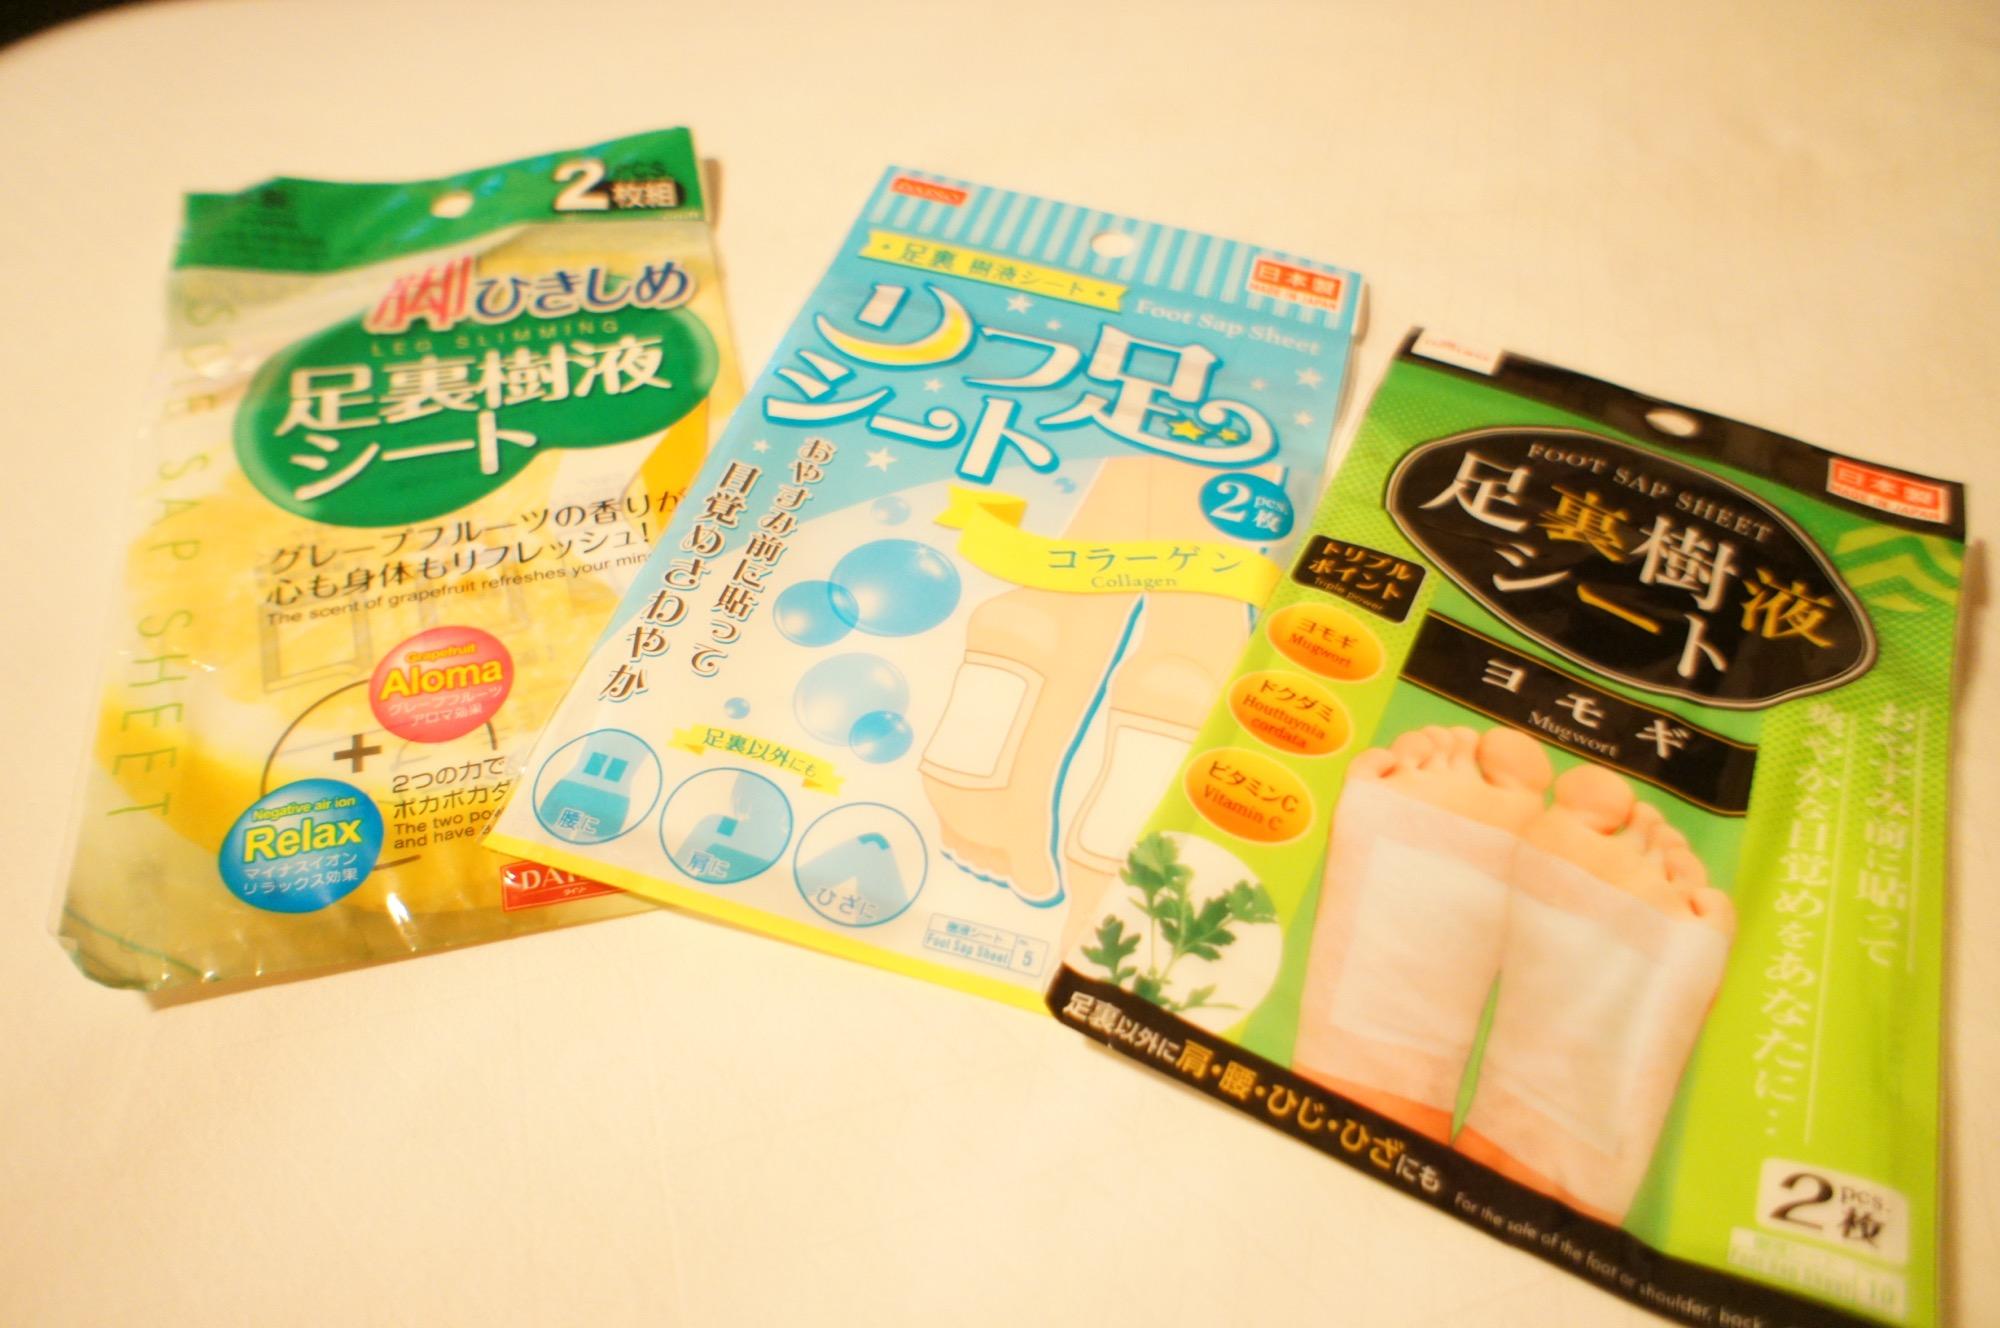 みなとみらい新スポット『横浜ハンマーヘッド』がオープン! おしゃれカフェ、お土産におすすめなグルメショップ5選 photoGallery_2_60